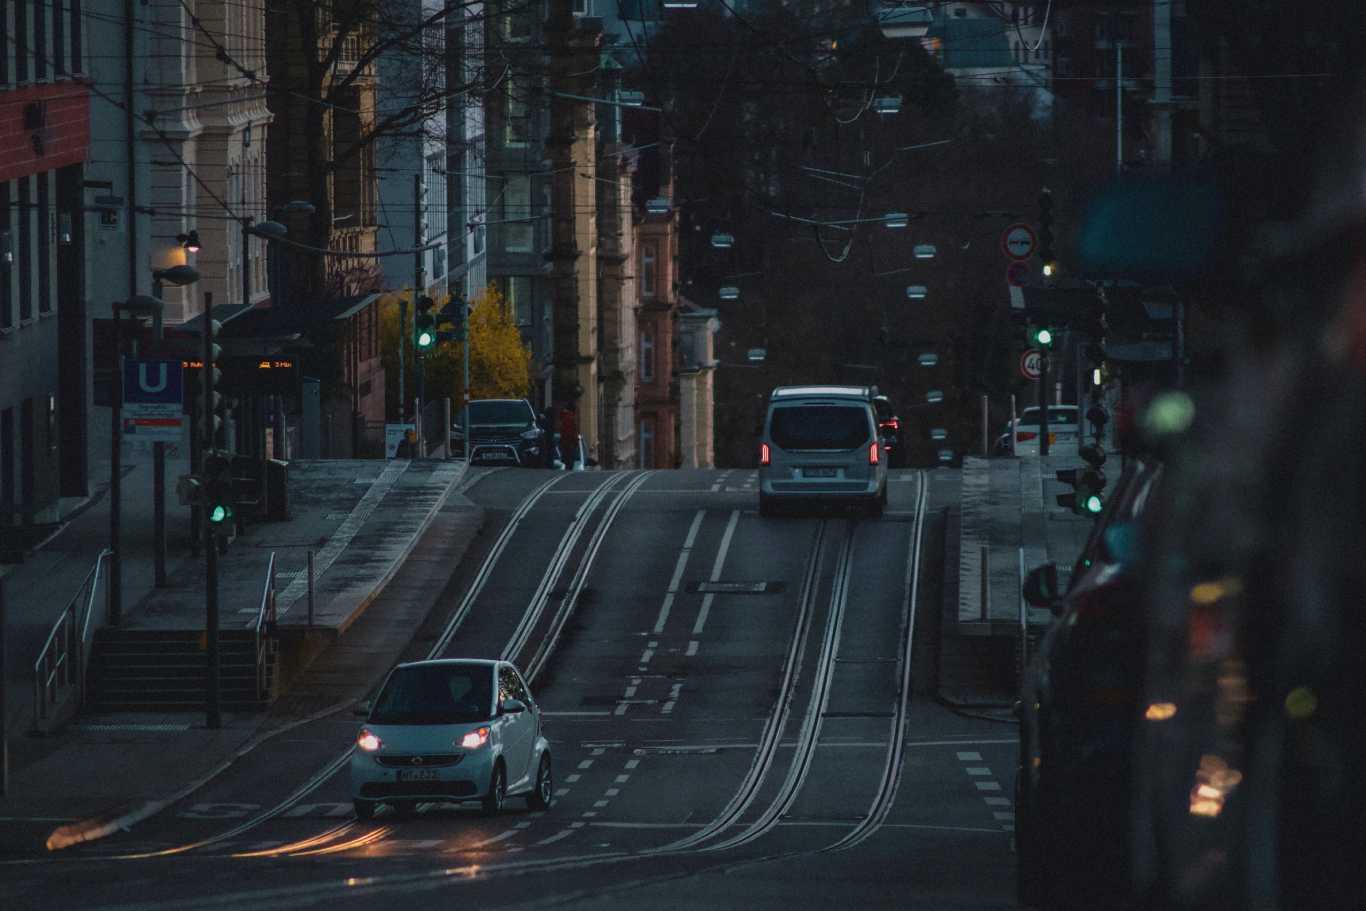 Memiliki Infrastuktur Transportasi Yang Memadai